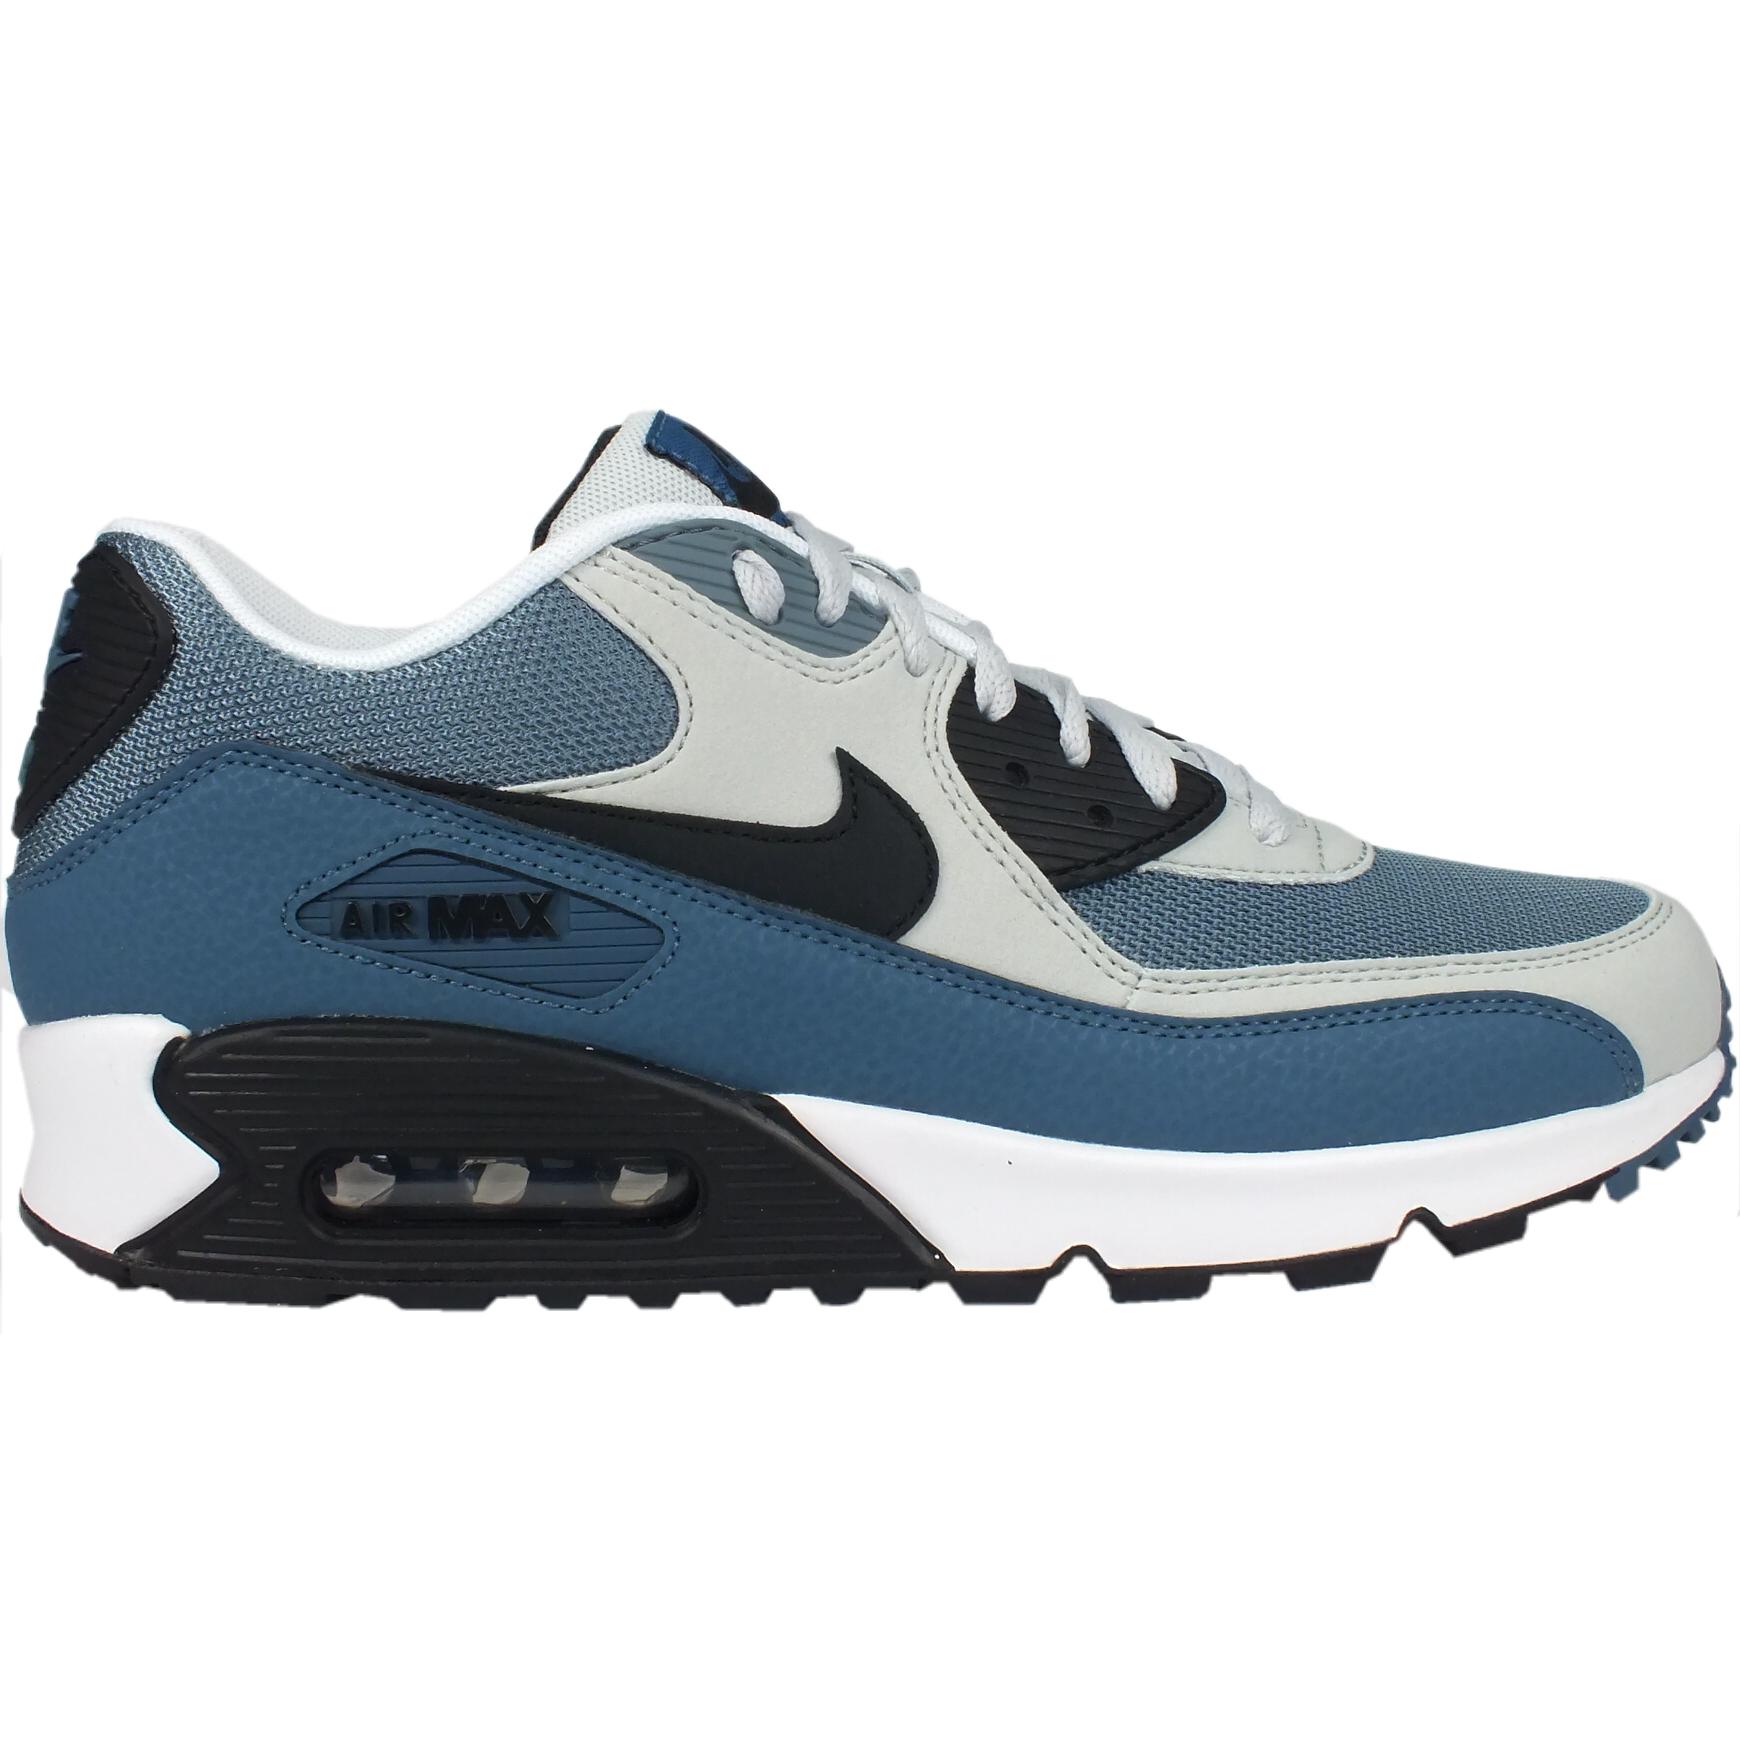 Nike Air Max 90 Essential Grau Grün